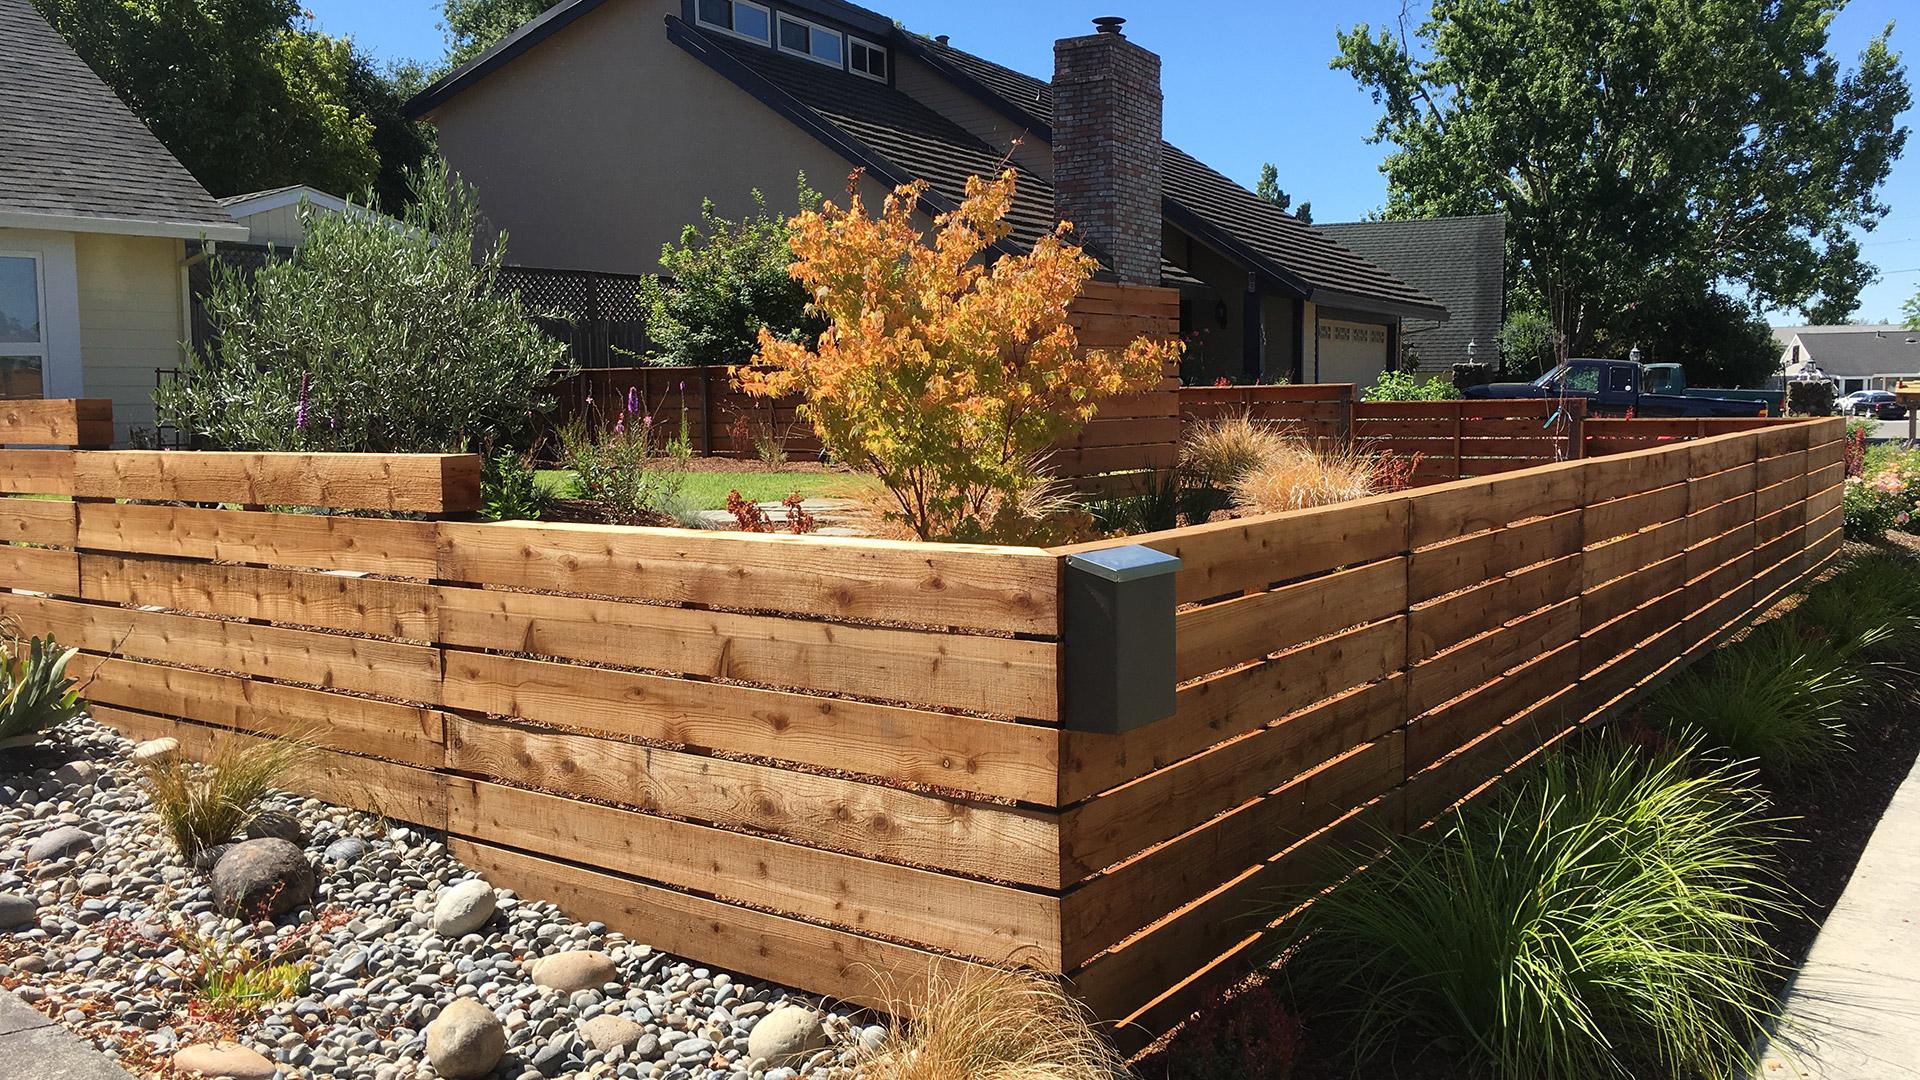 Horizontal Fence Construction Details Details Landscape Art